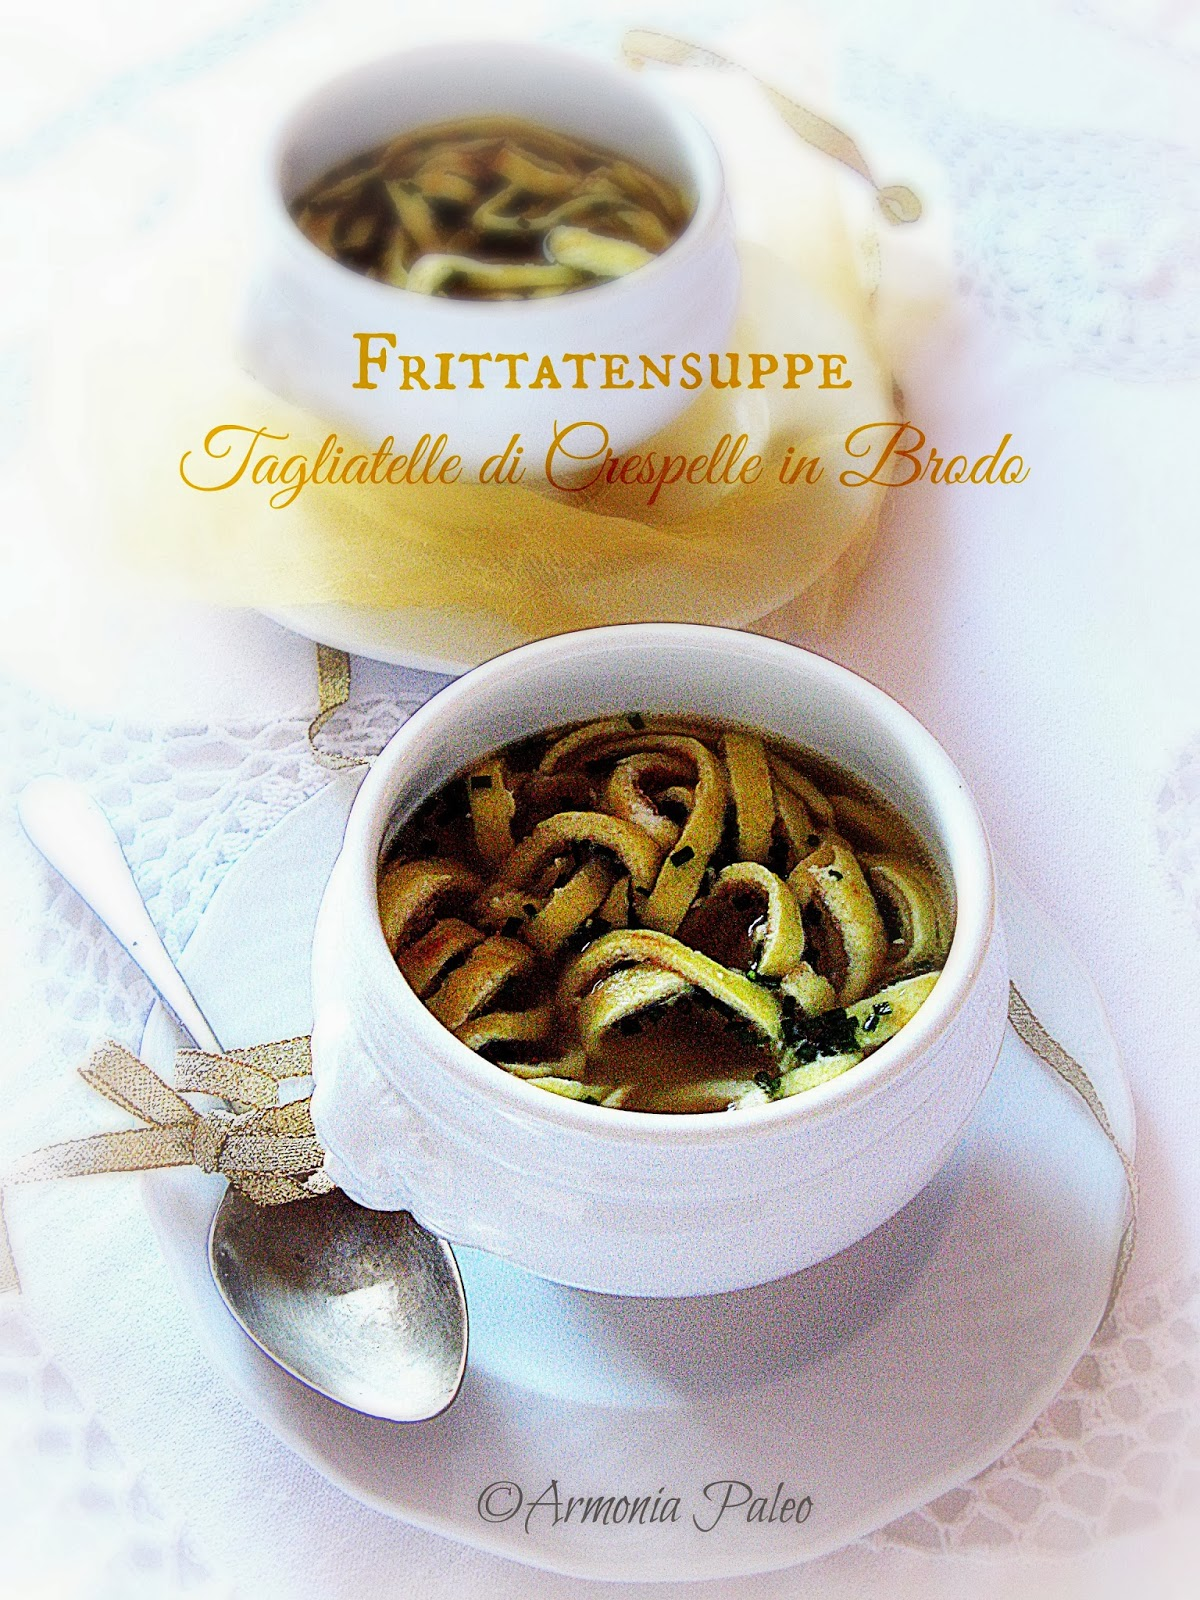 Frittatensuppe - Tagliatelle di Crespelle in Brodo di Armonia Paleo